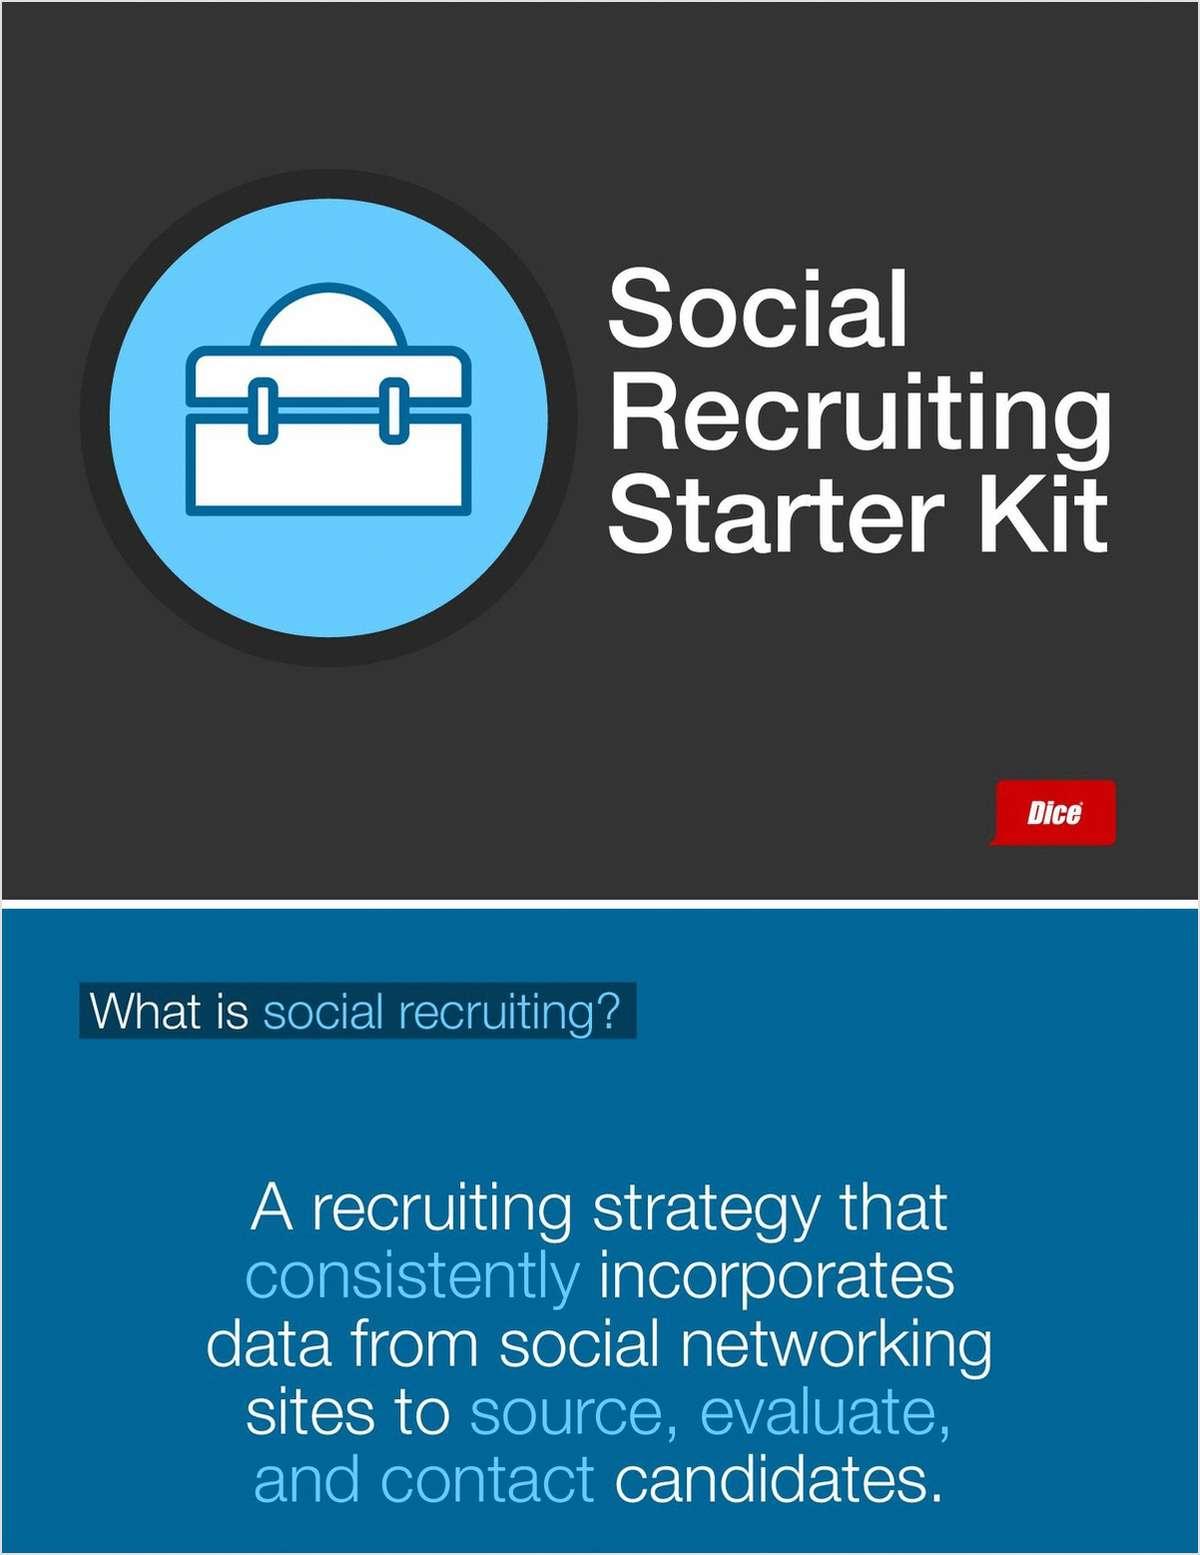 Social Recruiting Starter Kit